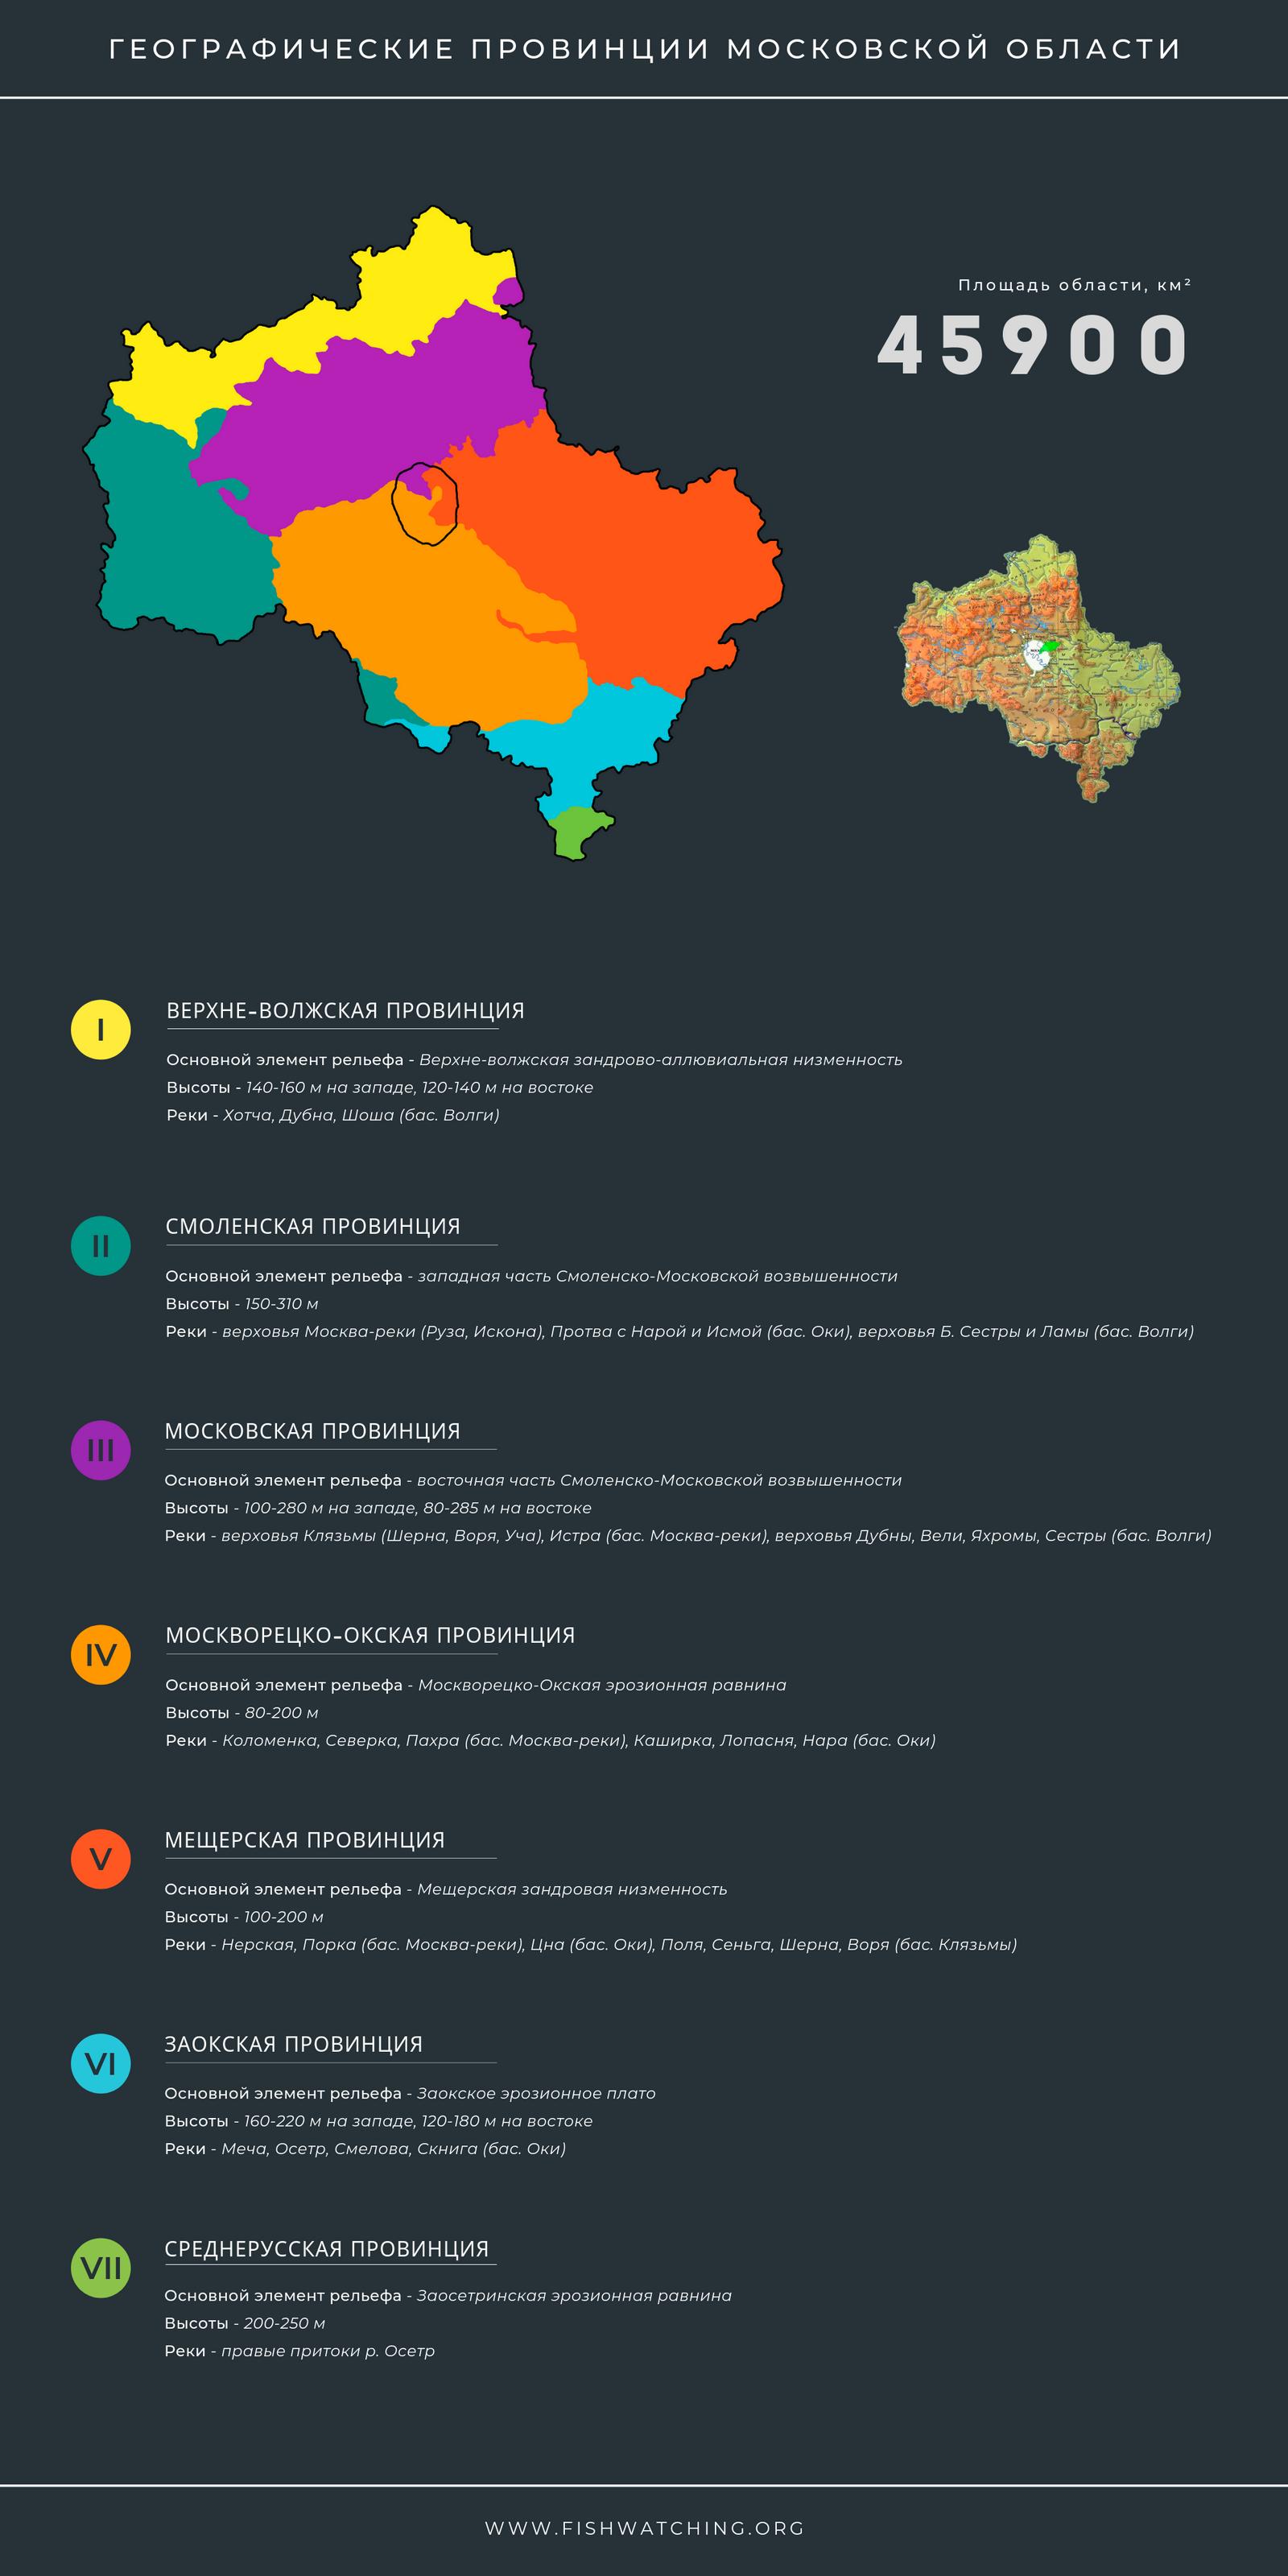 Рельеф и географические провинции Московской области